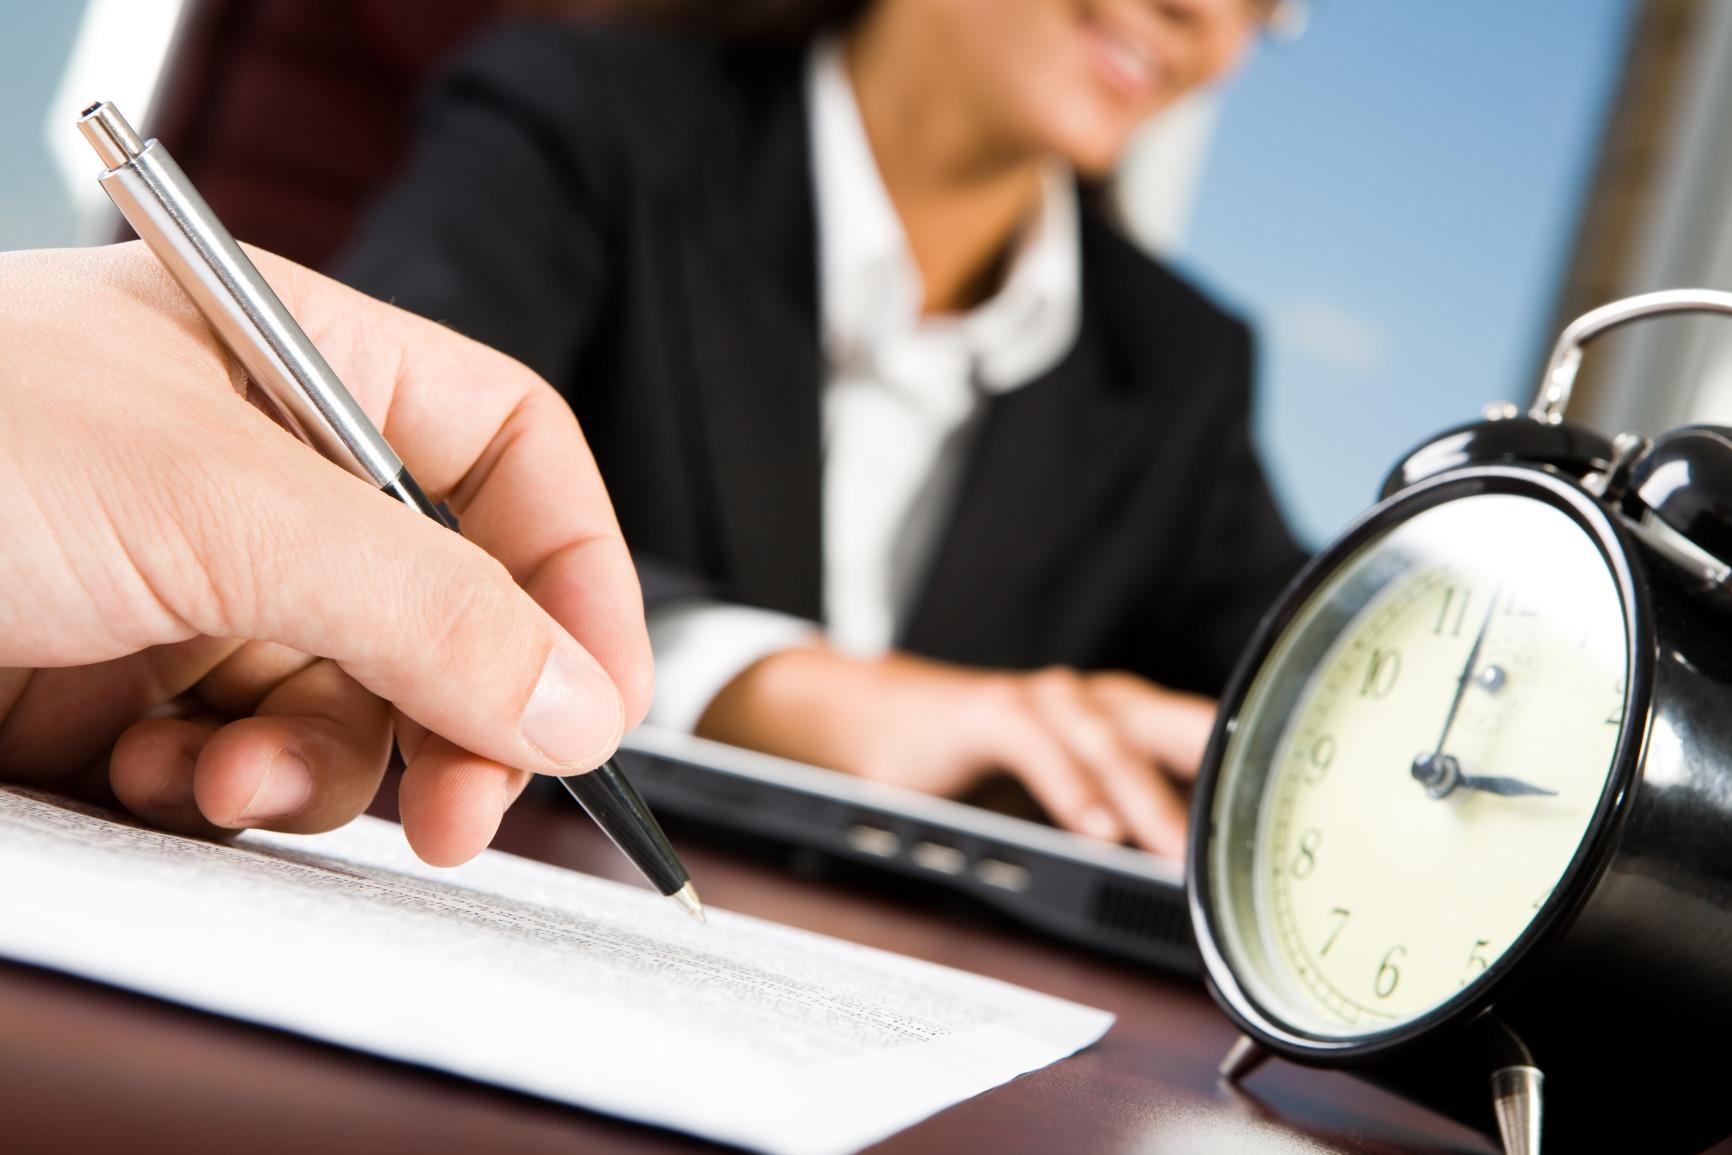 دراسة: المشاعر المزيفة في مكان العمل قد تضر أكثر مما تنفع